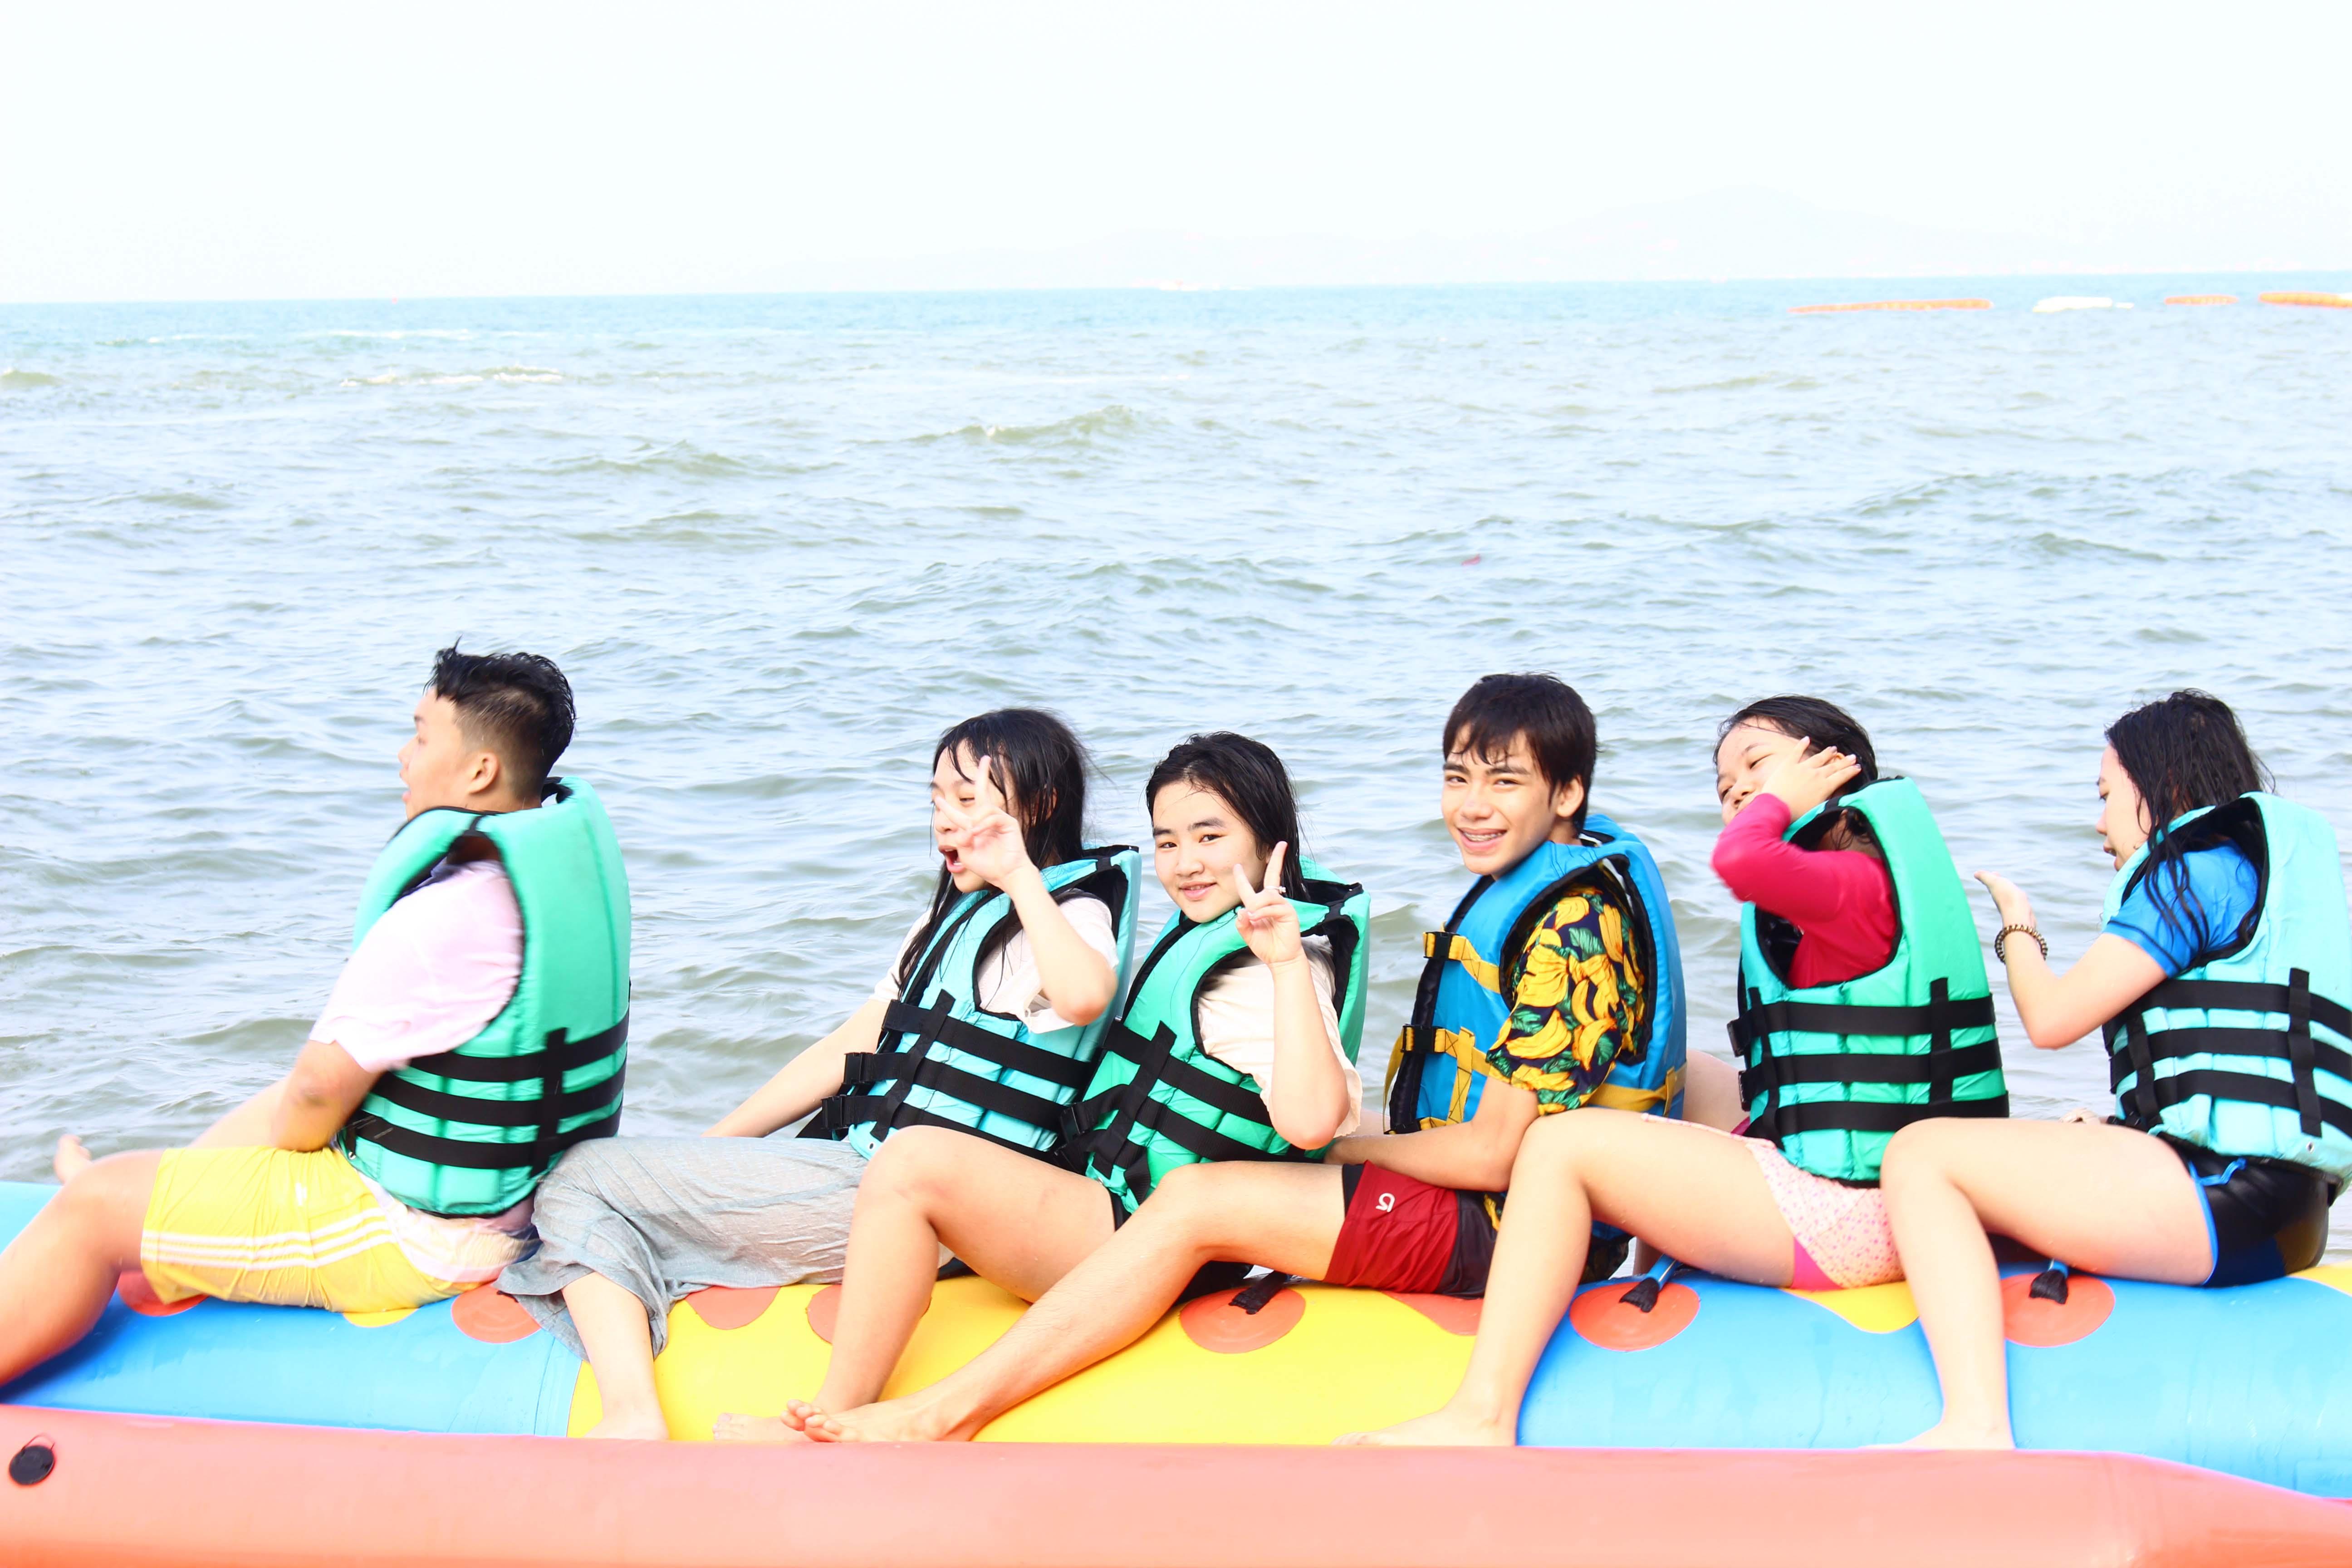 Vi vu trên chiếc thuyền Banana, ngắm mặt trời lên trên biển Pattaya